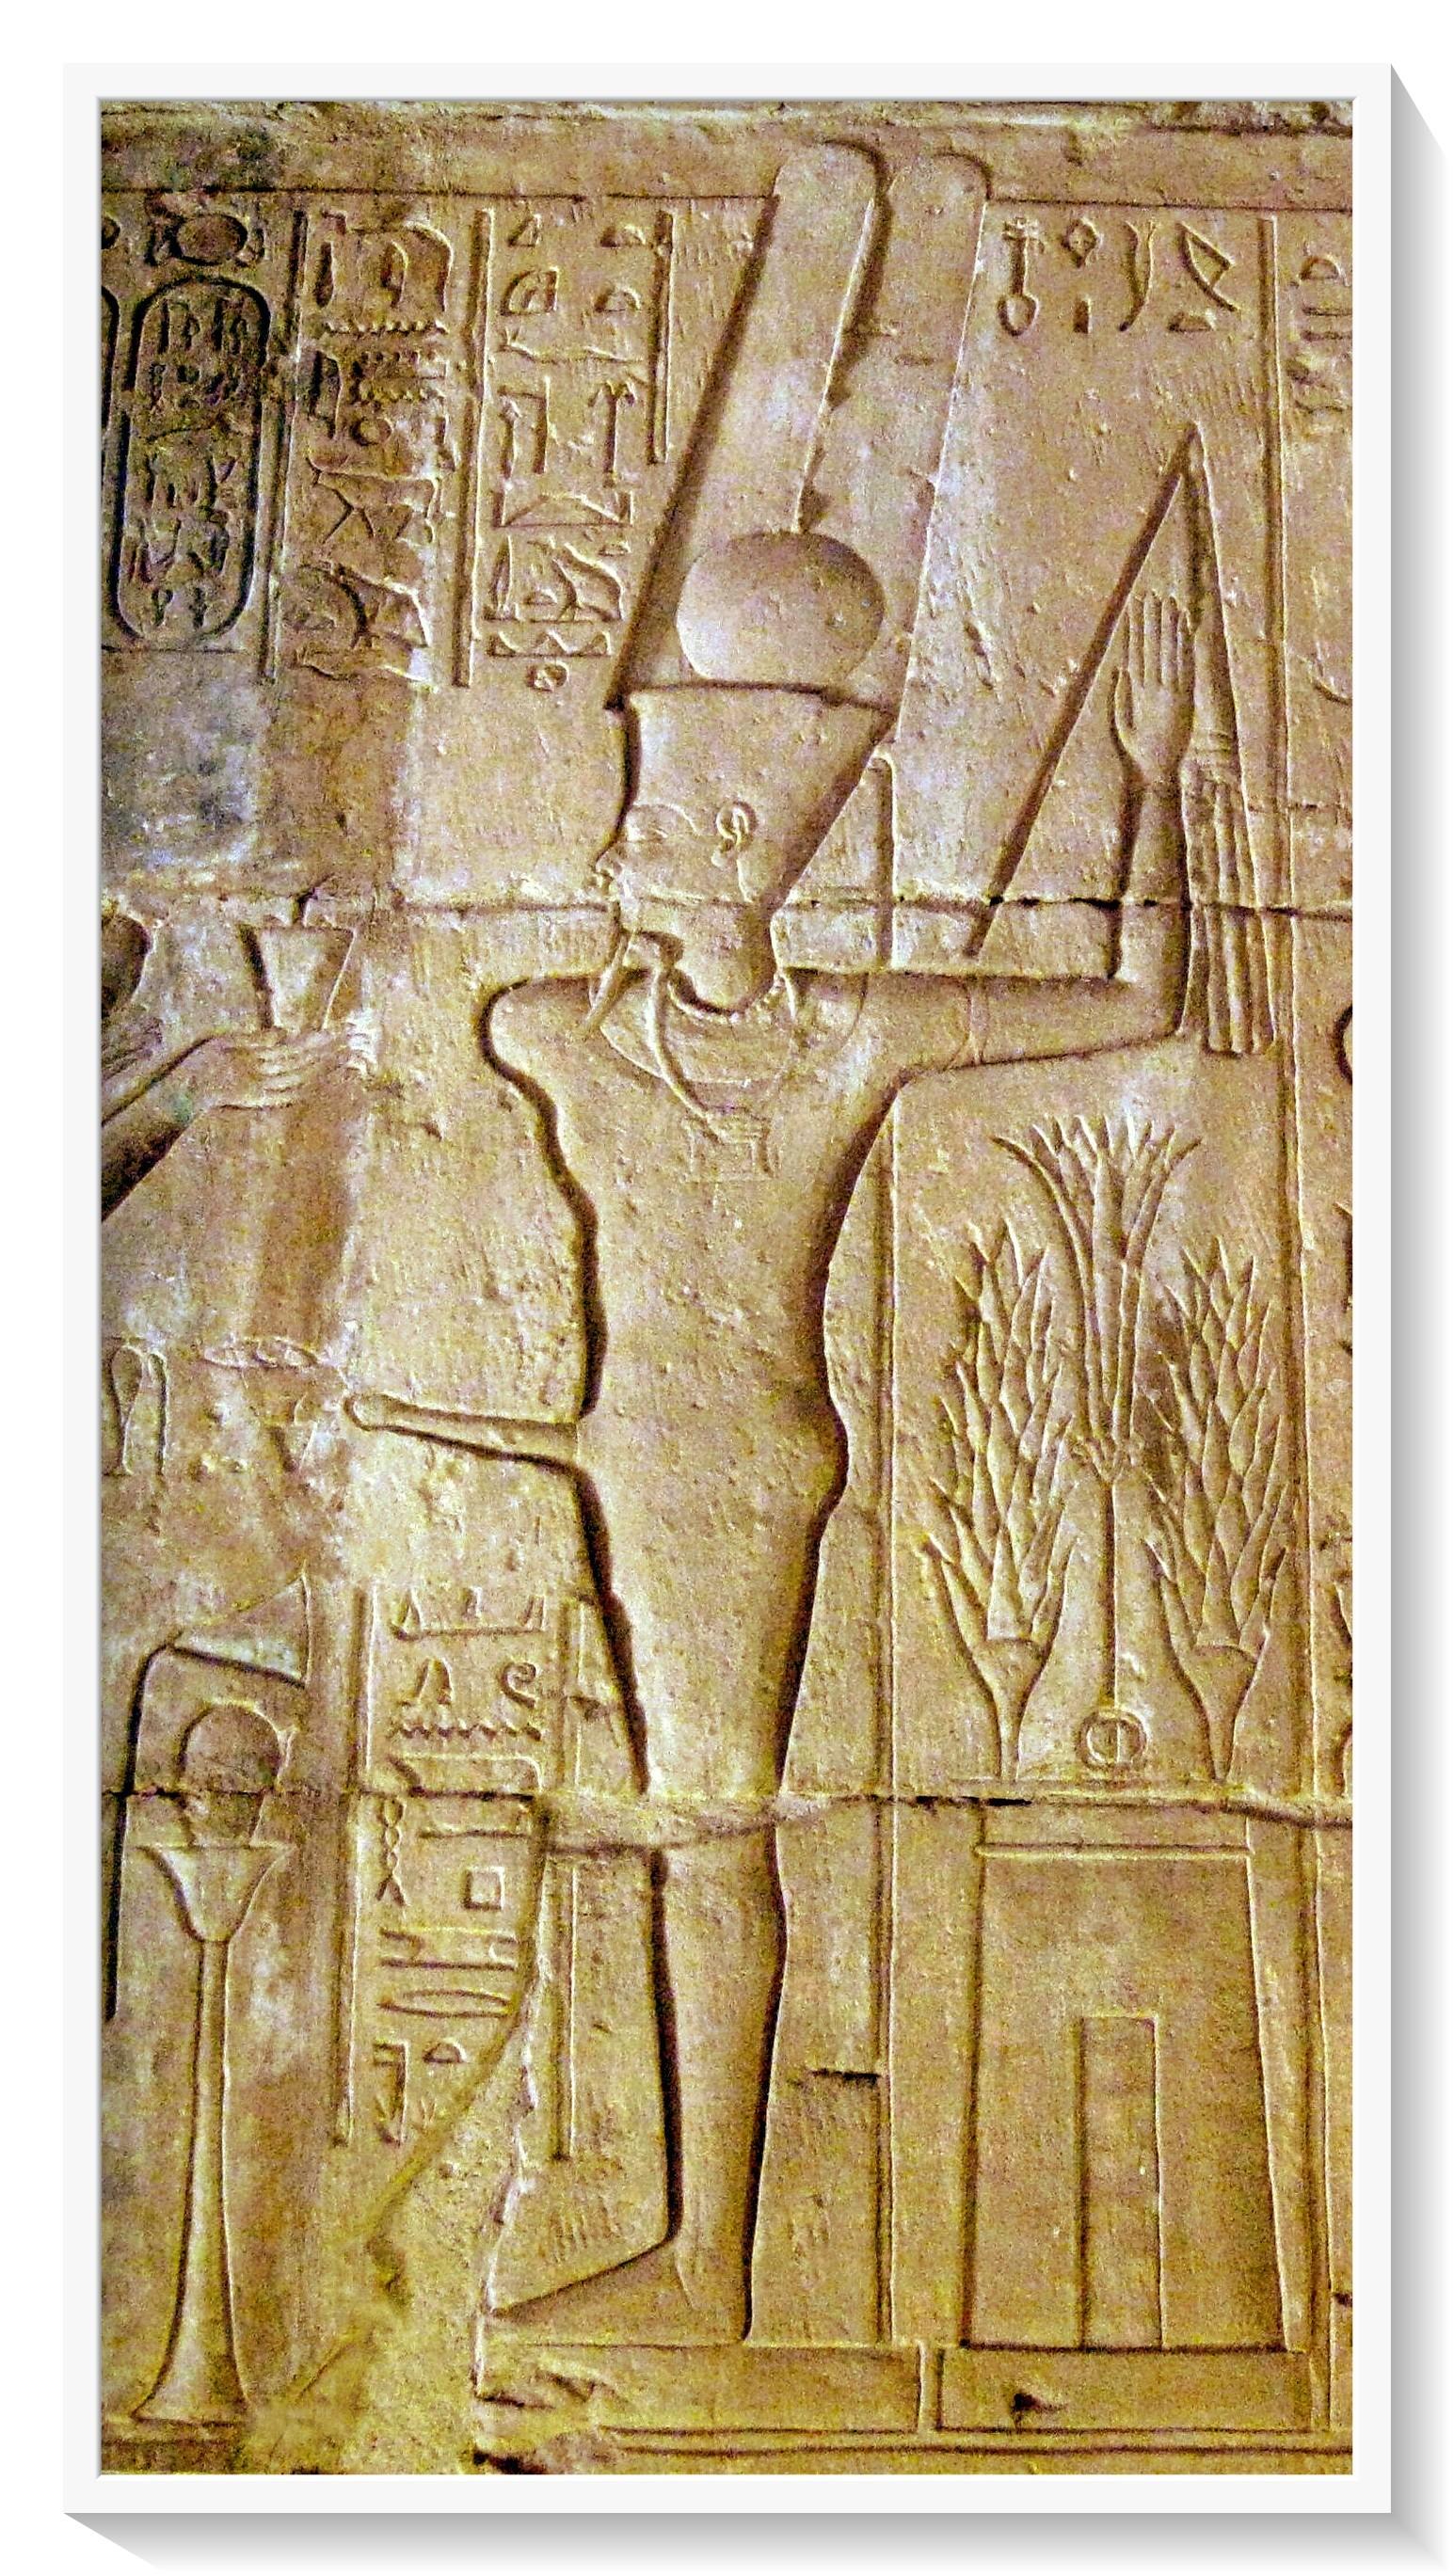 Min dios egipcio